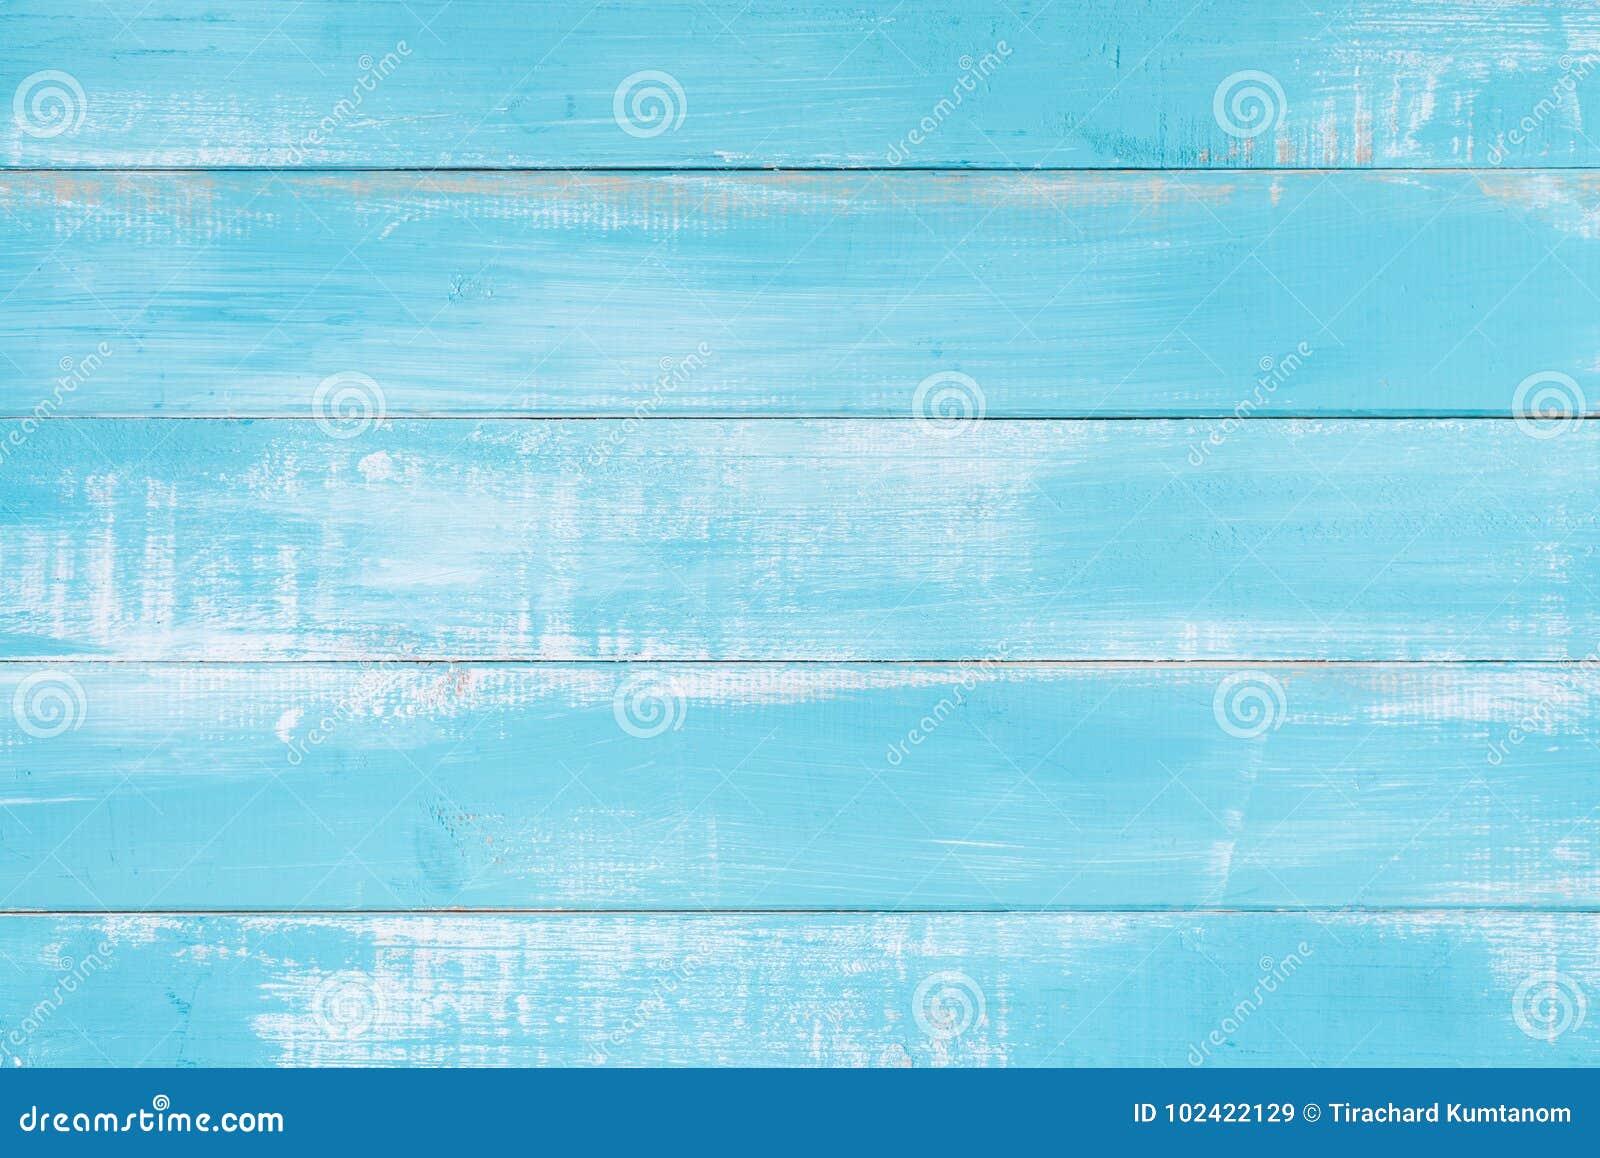 Blauwe houten textuuroppervlakte als achtergrond met oud natuurlijk patroon of oude houten de bovenkantmening van de textuurlijst